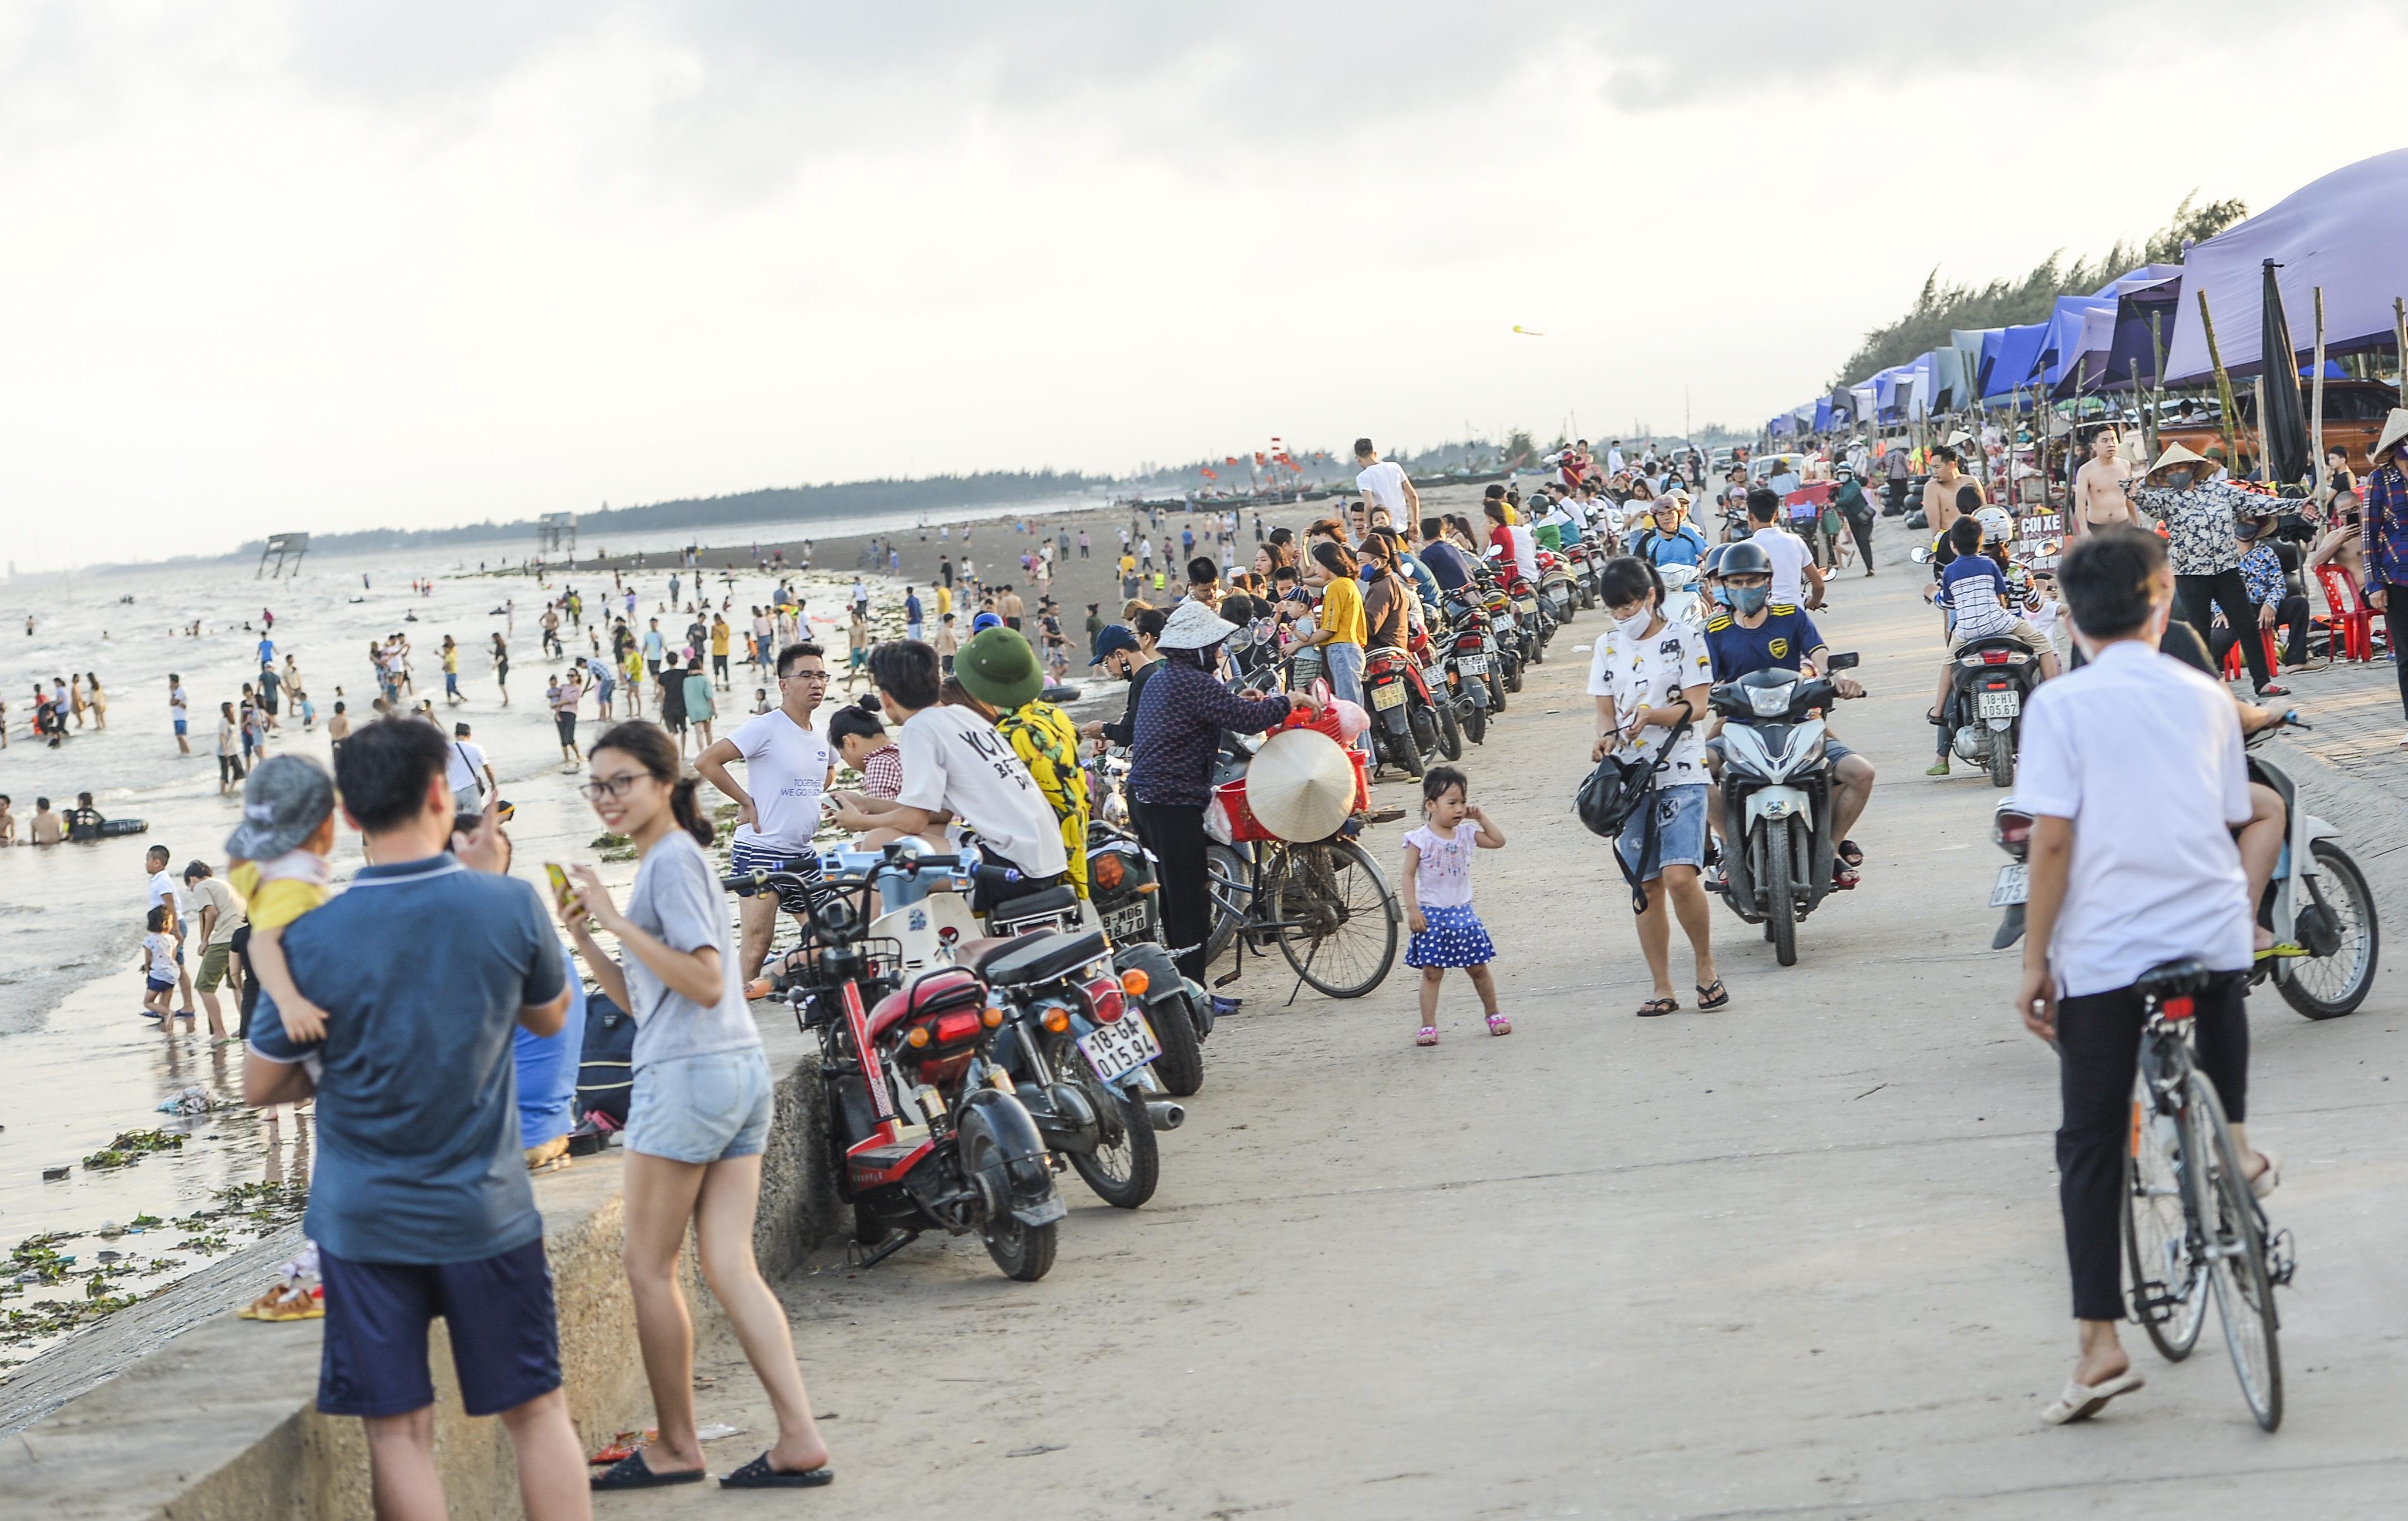 Ngày thứ 3 dịp nghỉ lễ, bãi biển Quất Lâm đông kín người, du khách tắm chung bèo, rác - Ảnh 2.